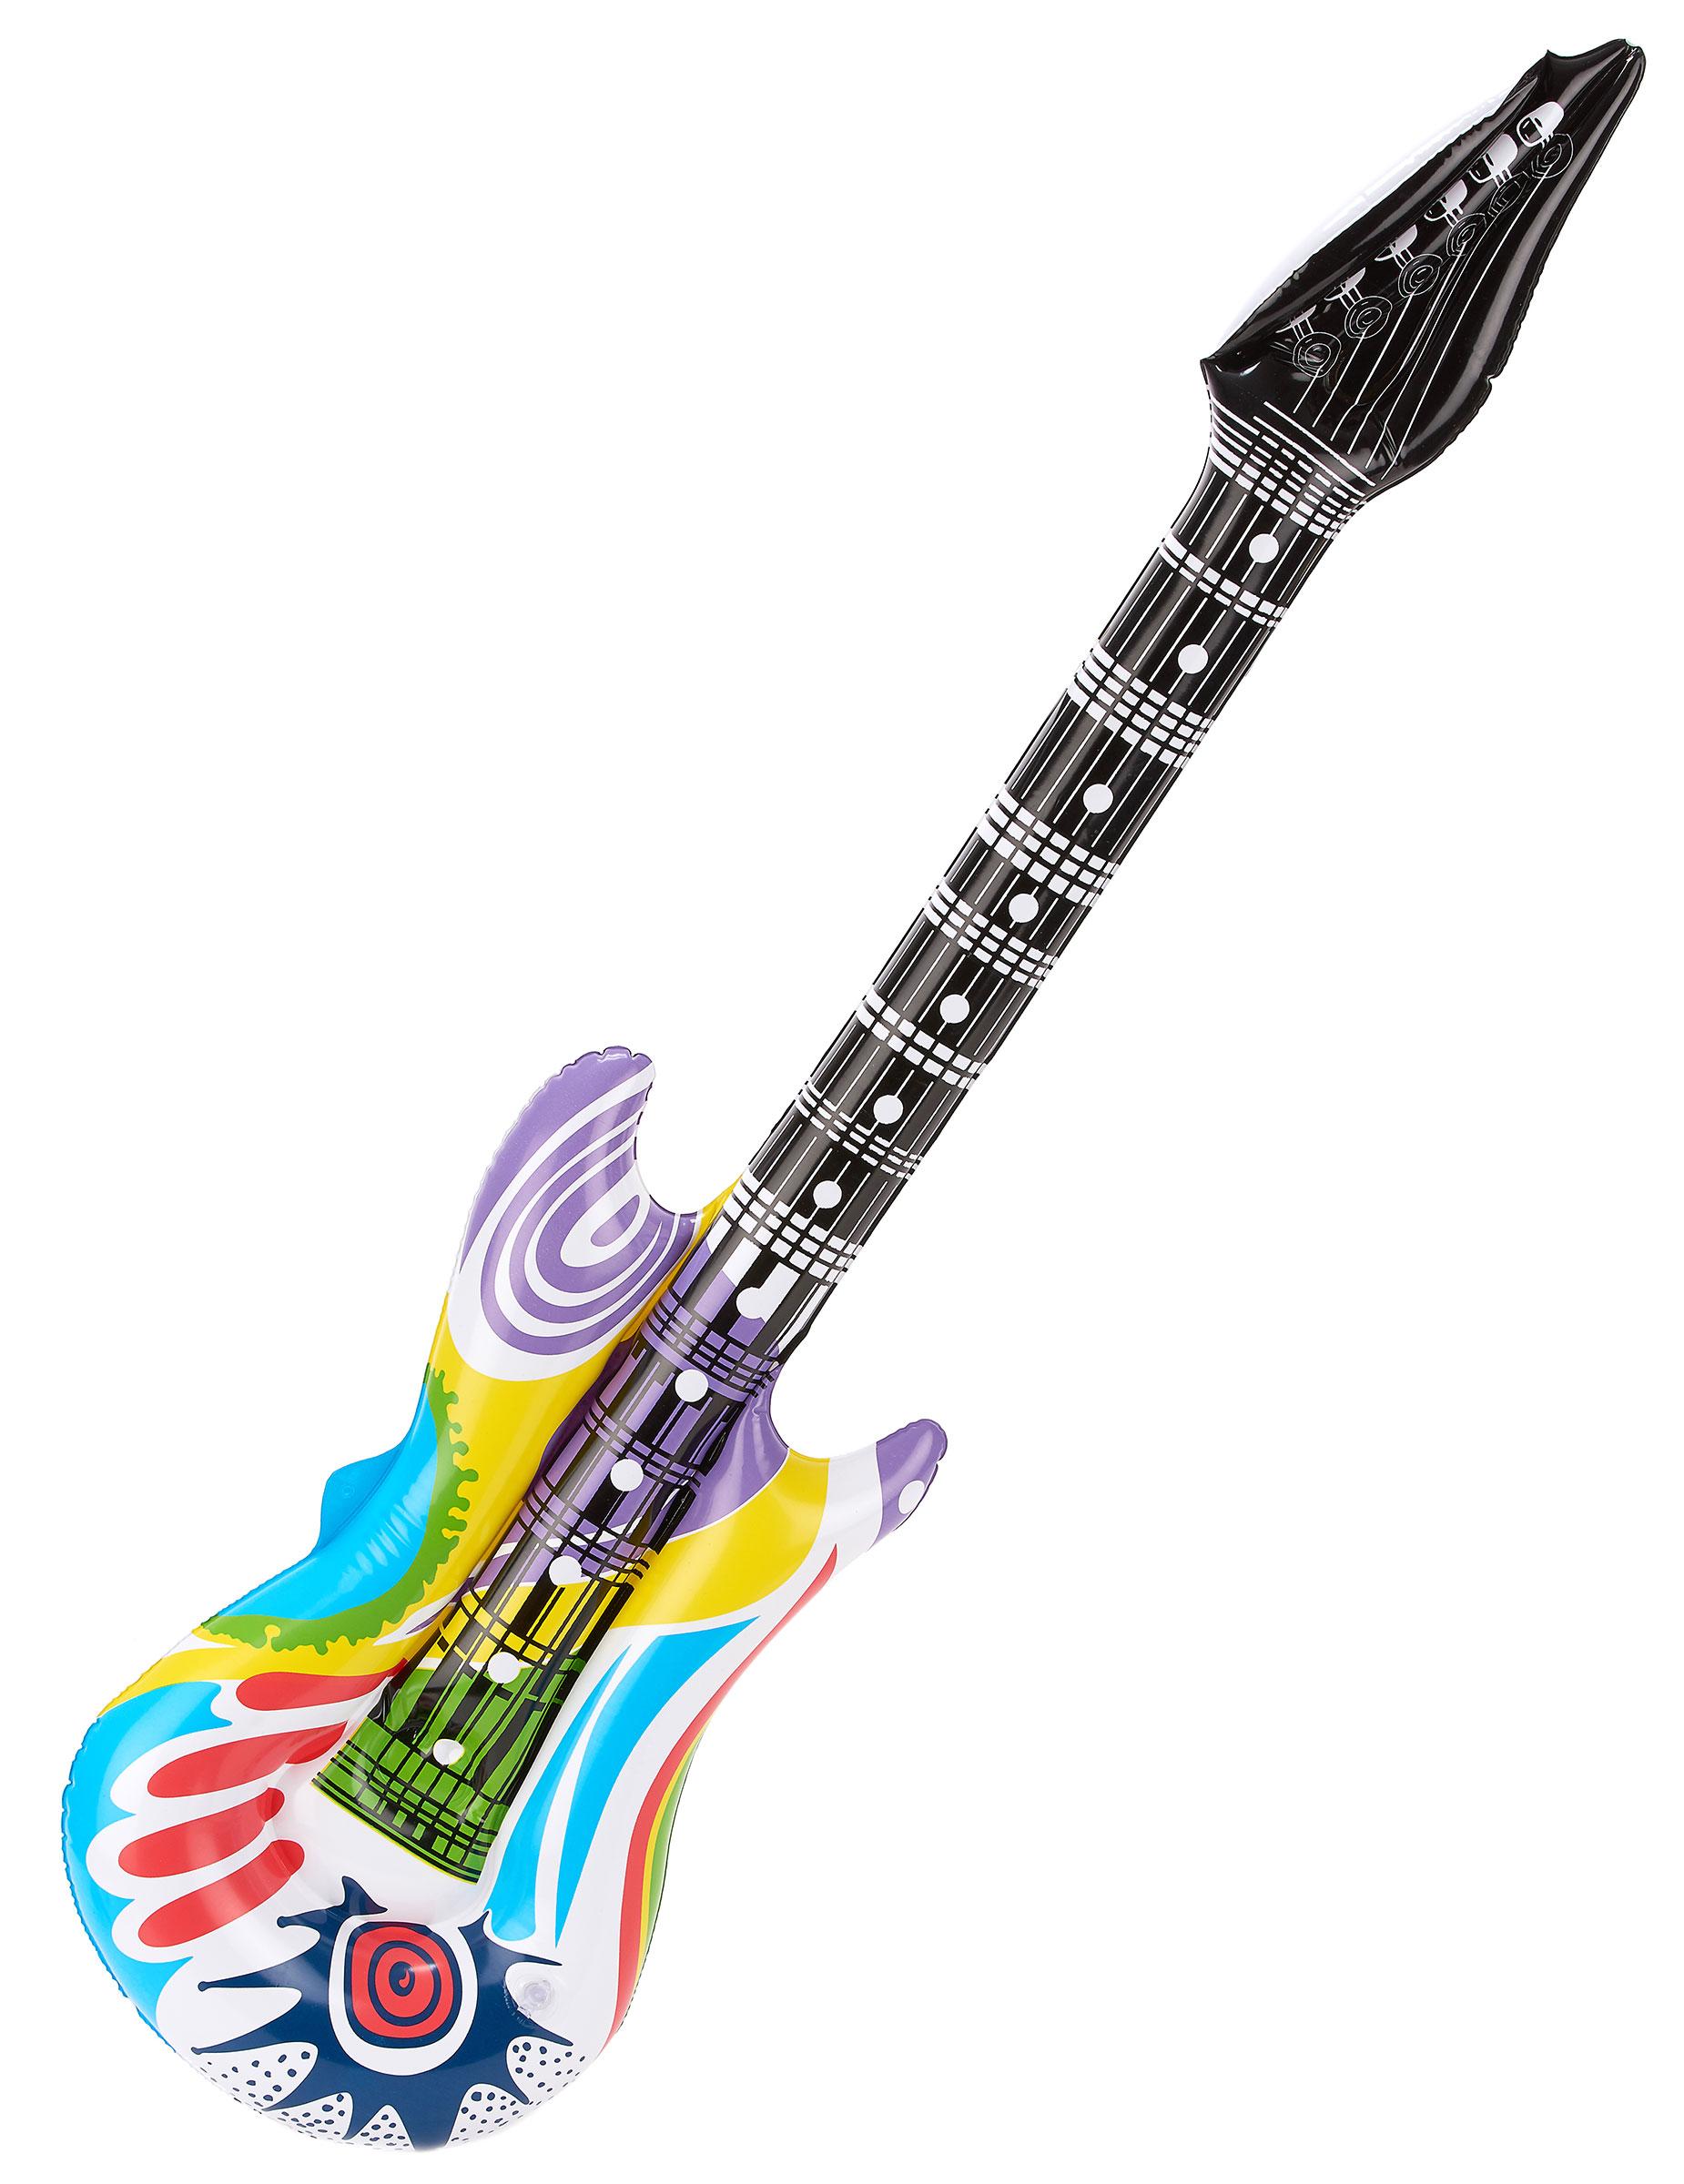 Decoration Fetes Guitare